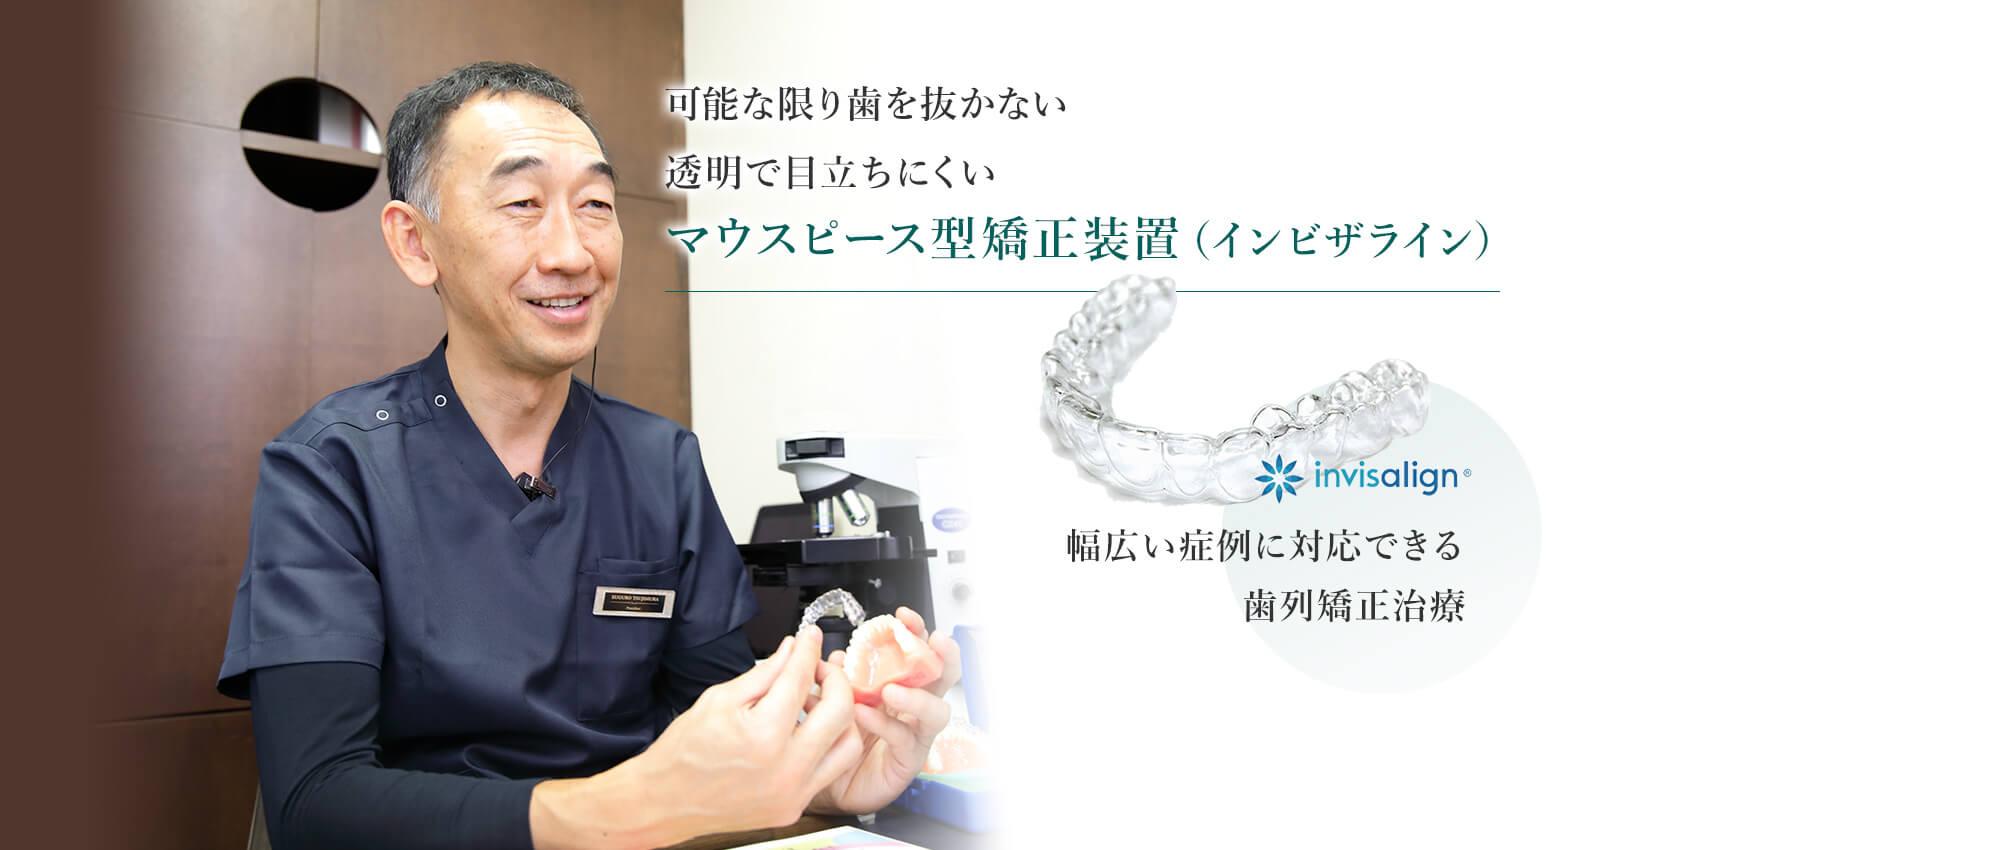 可能な限り歯を抜かない 透明で目立ちにくい マウスピース型矯正装置(インビザライン)